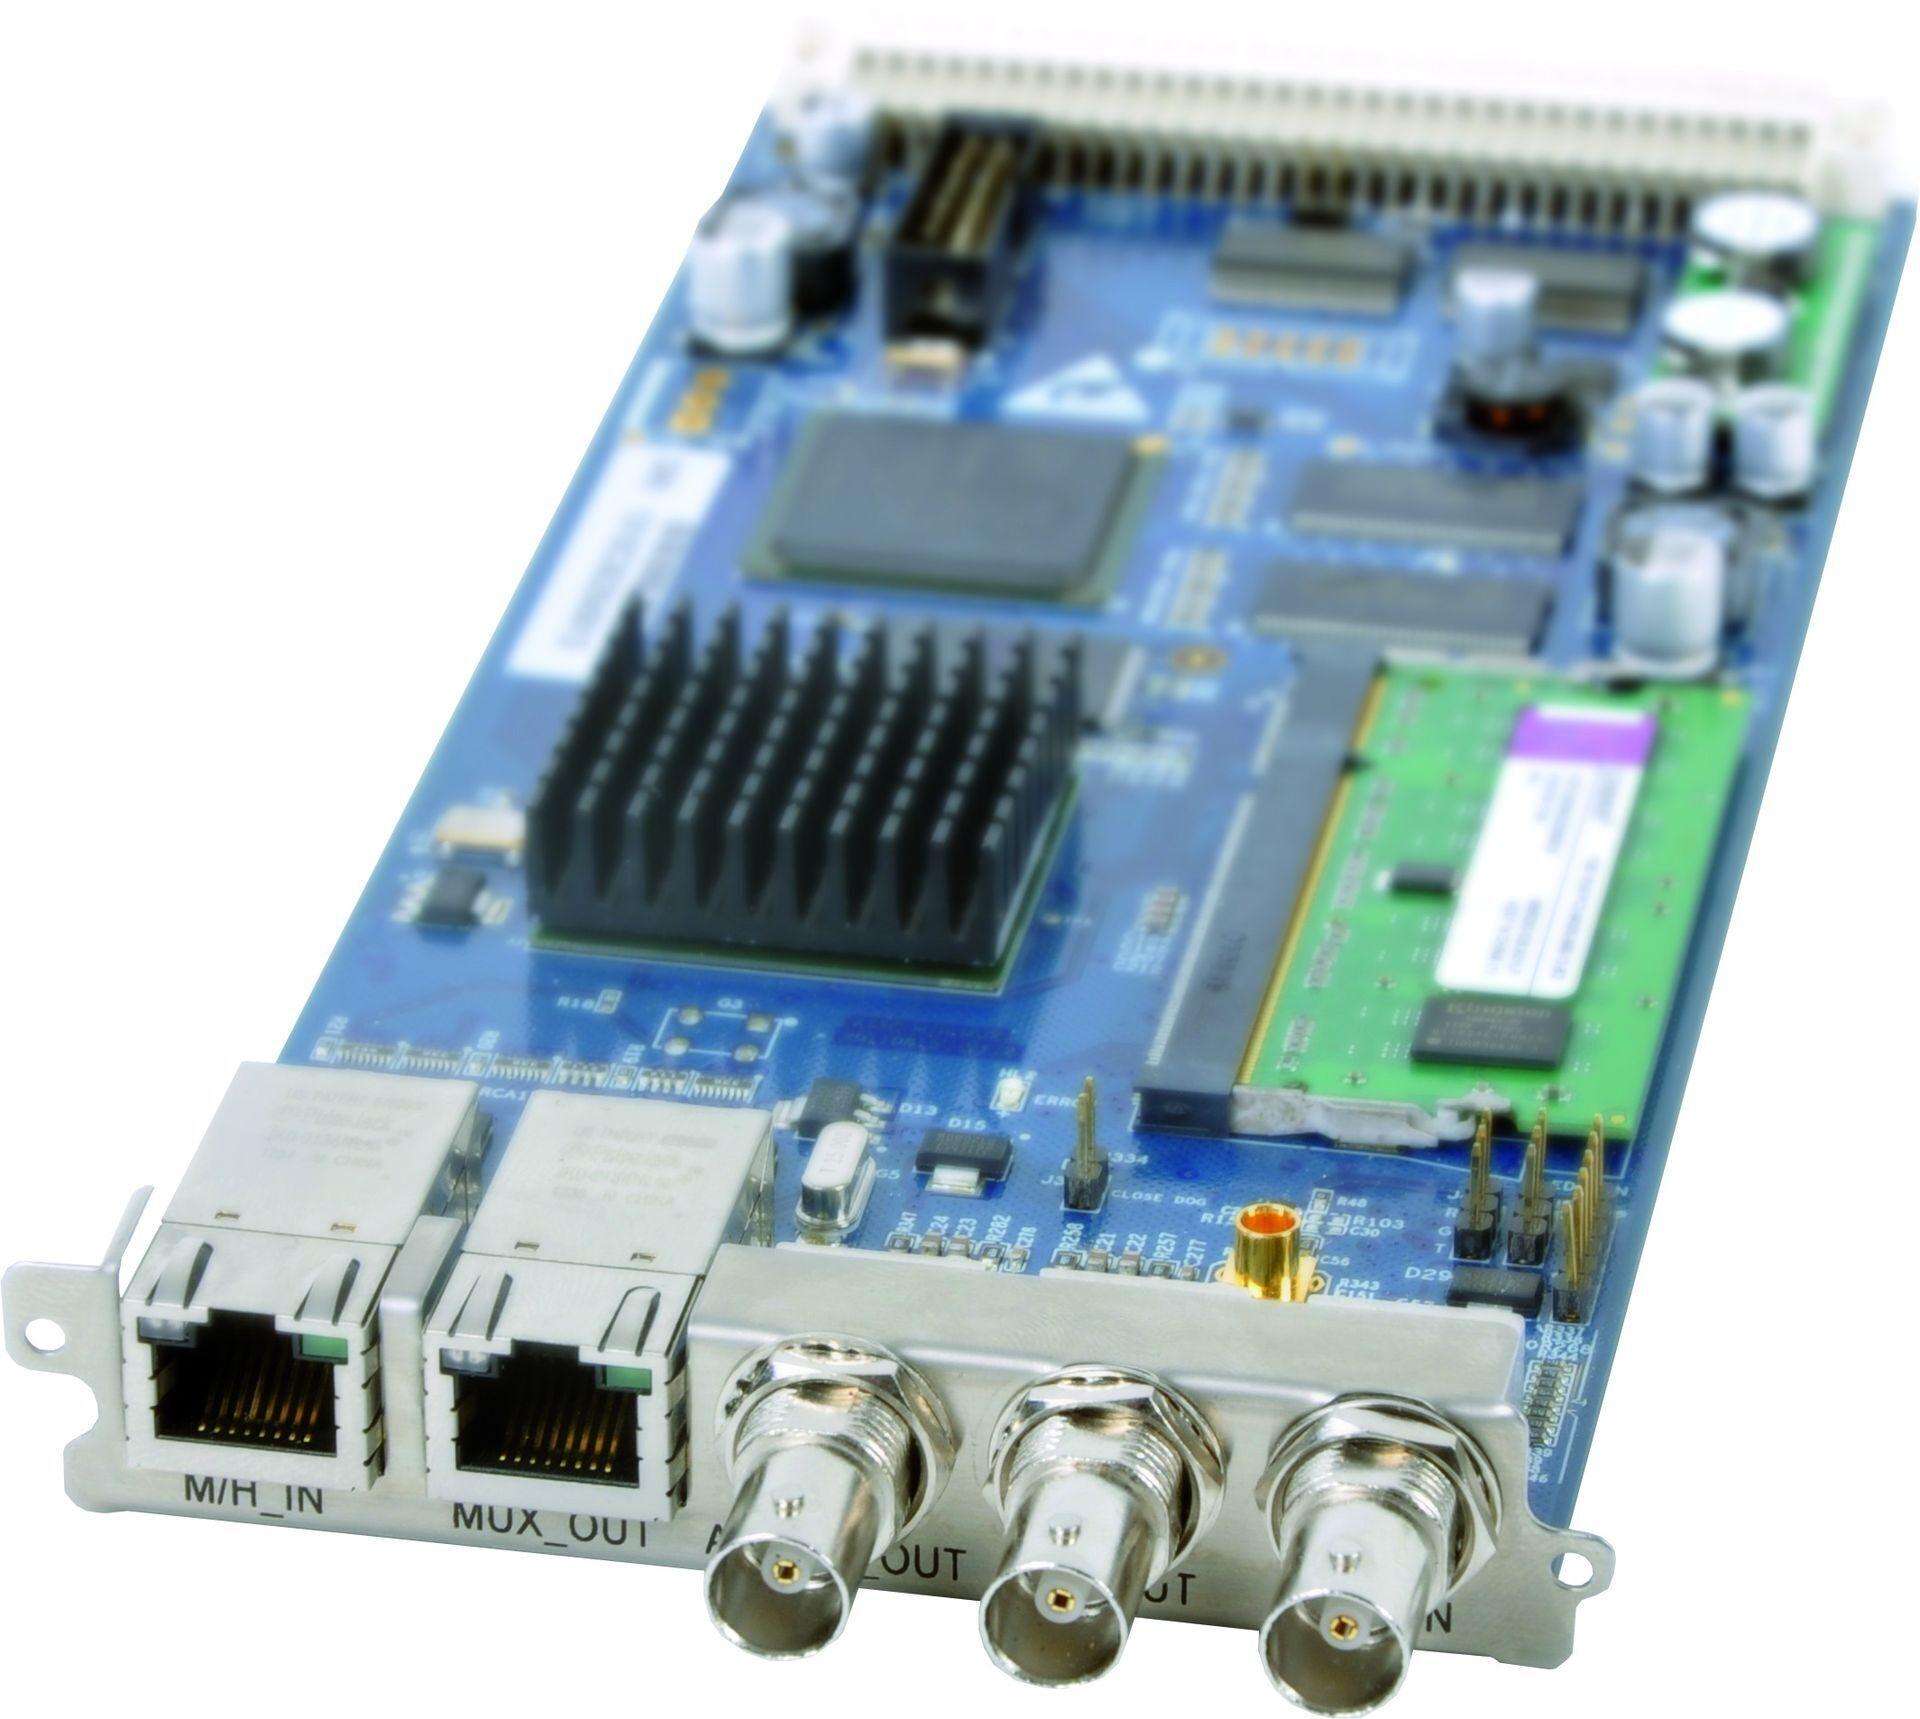 EPG - карта EPG процессинга (загрузки EPG XML, DVB Remux, EPG Edit, OTA)